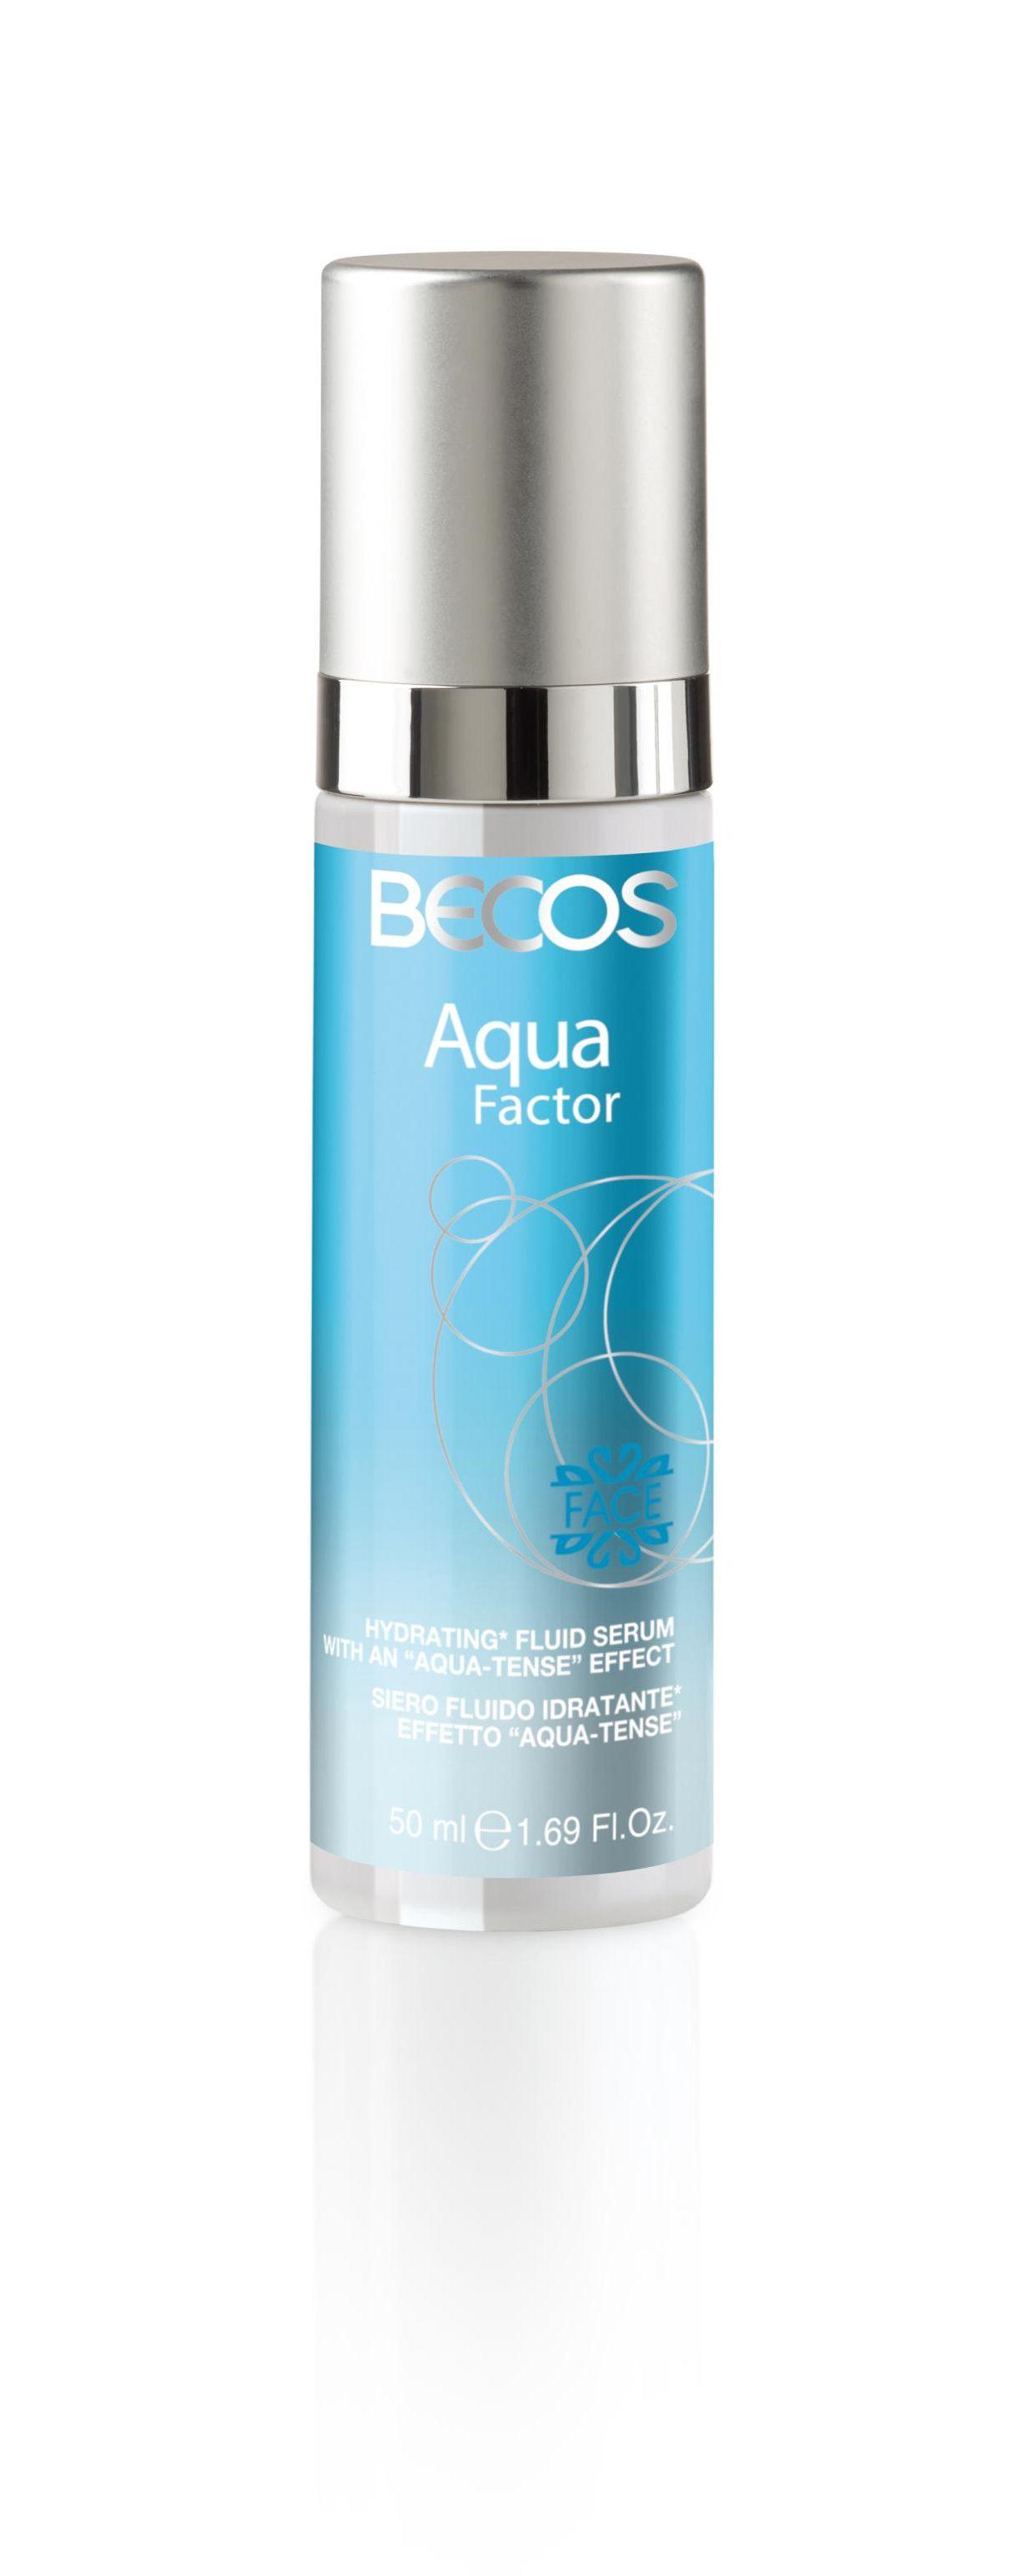 Il siero idratante effetto aqua tense della linea Aqua Factor by Bacos